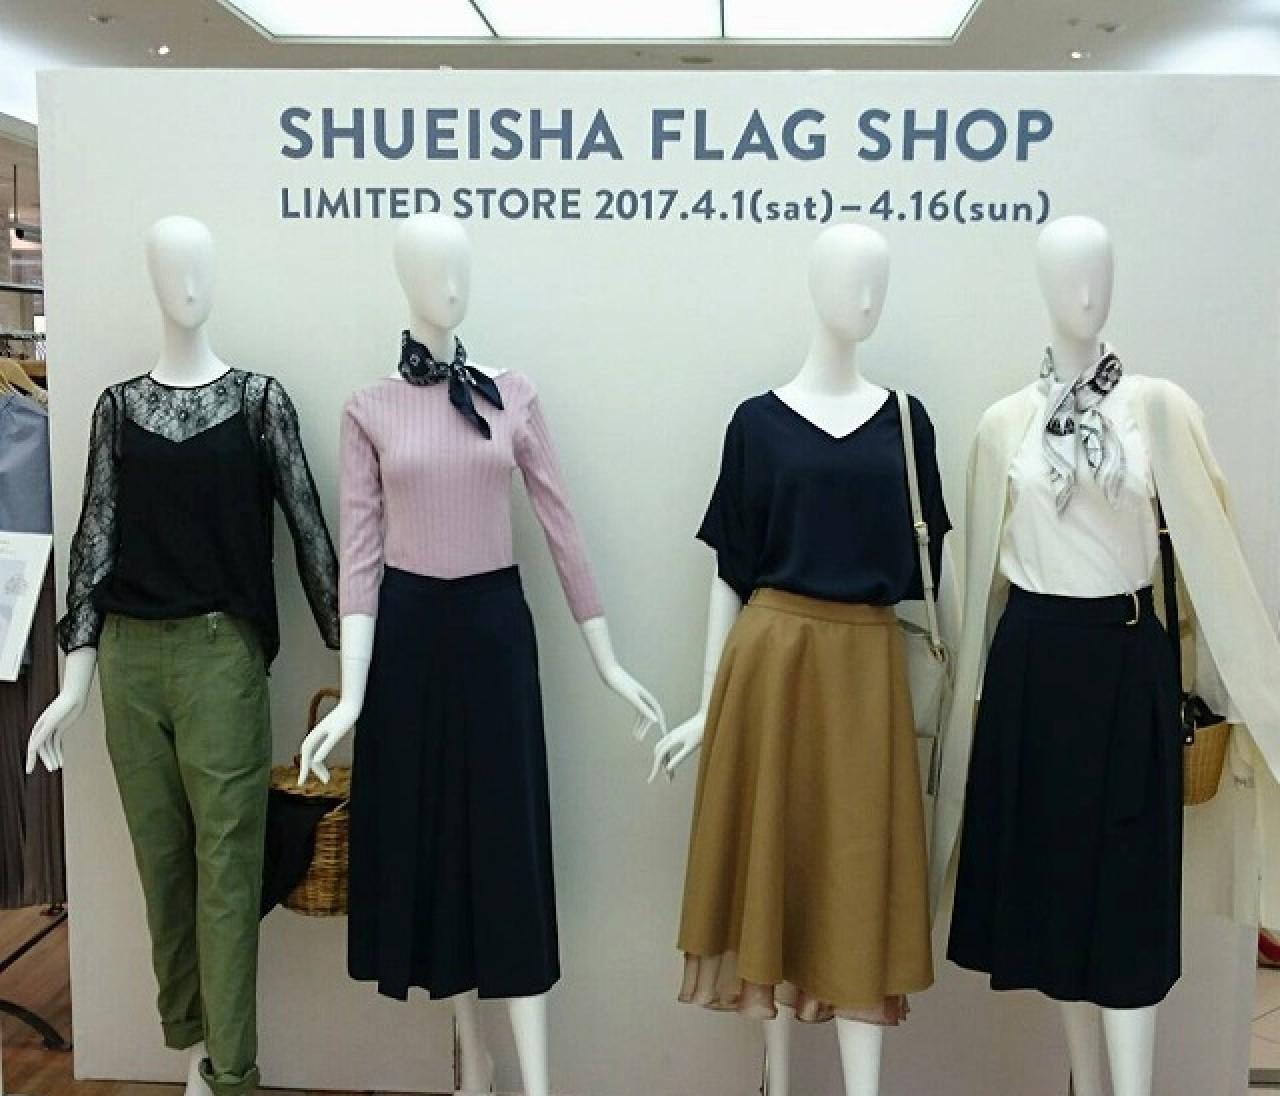 集英社『 FLAG SHOP』で人気オリジナルブランドが勢揃い☆